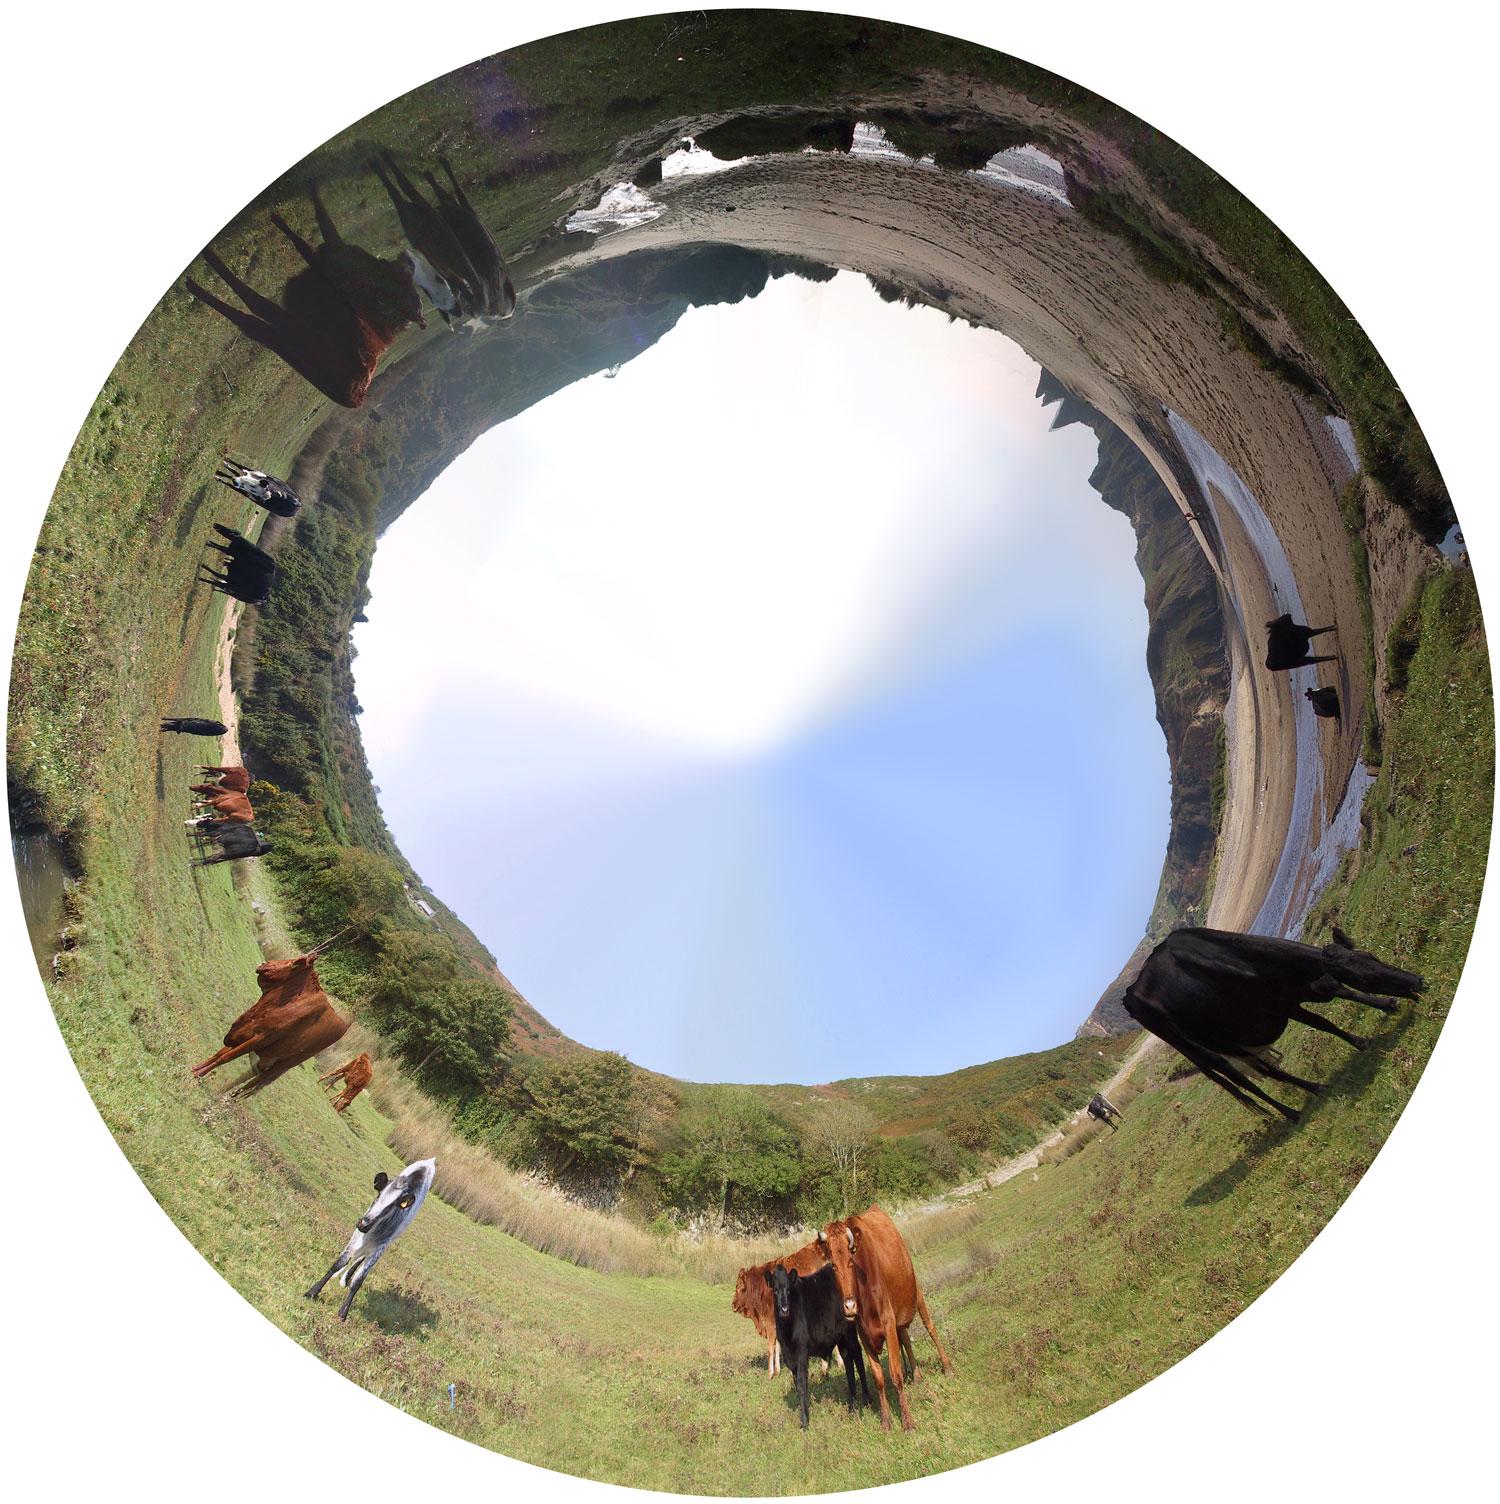 Wls-cows-1500.jpg